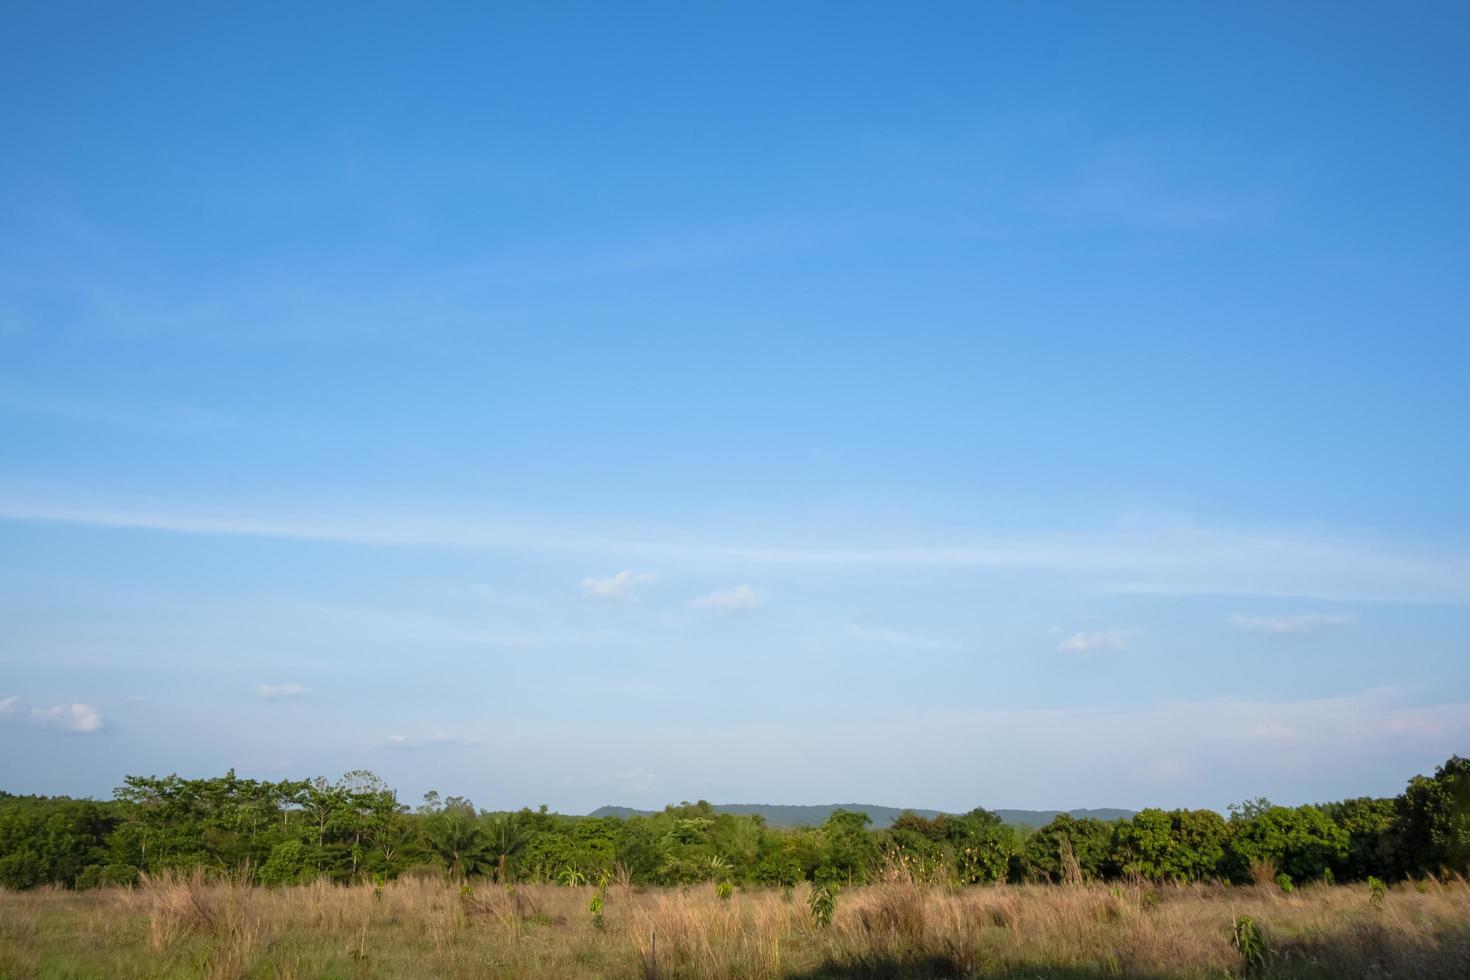 paysage en thaïlande à la campagne photo